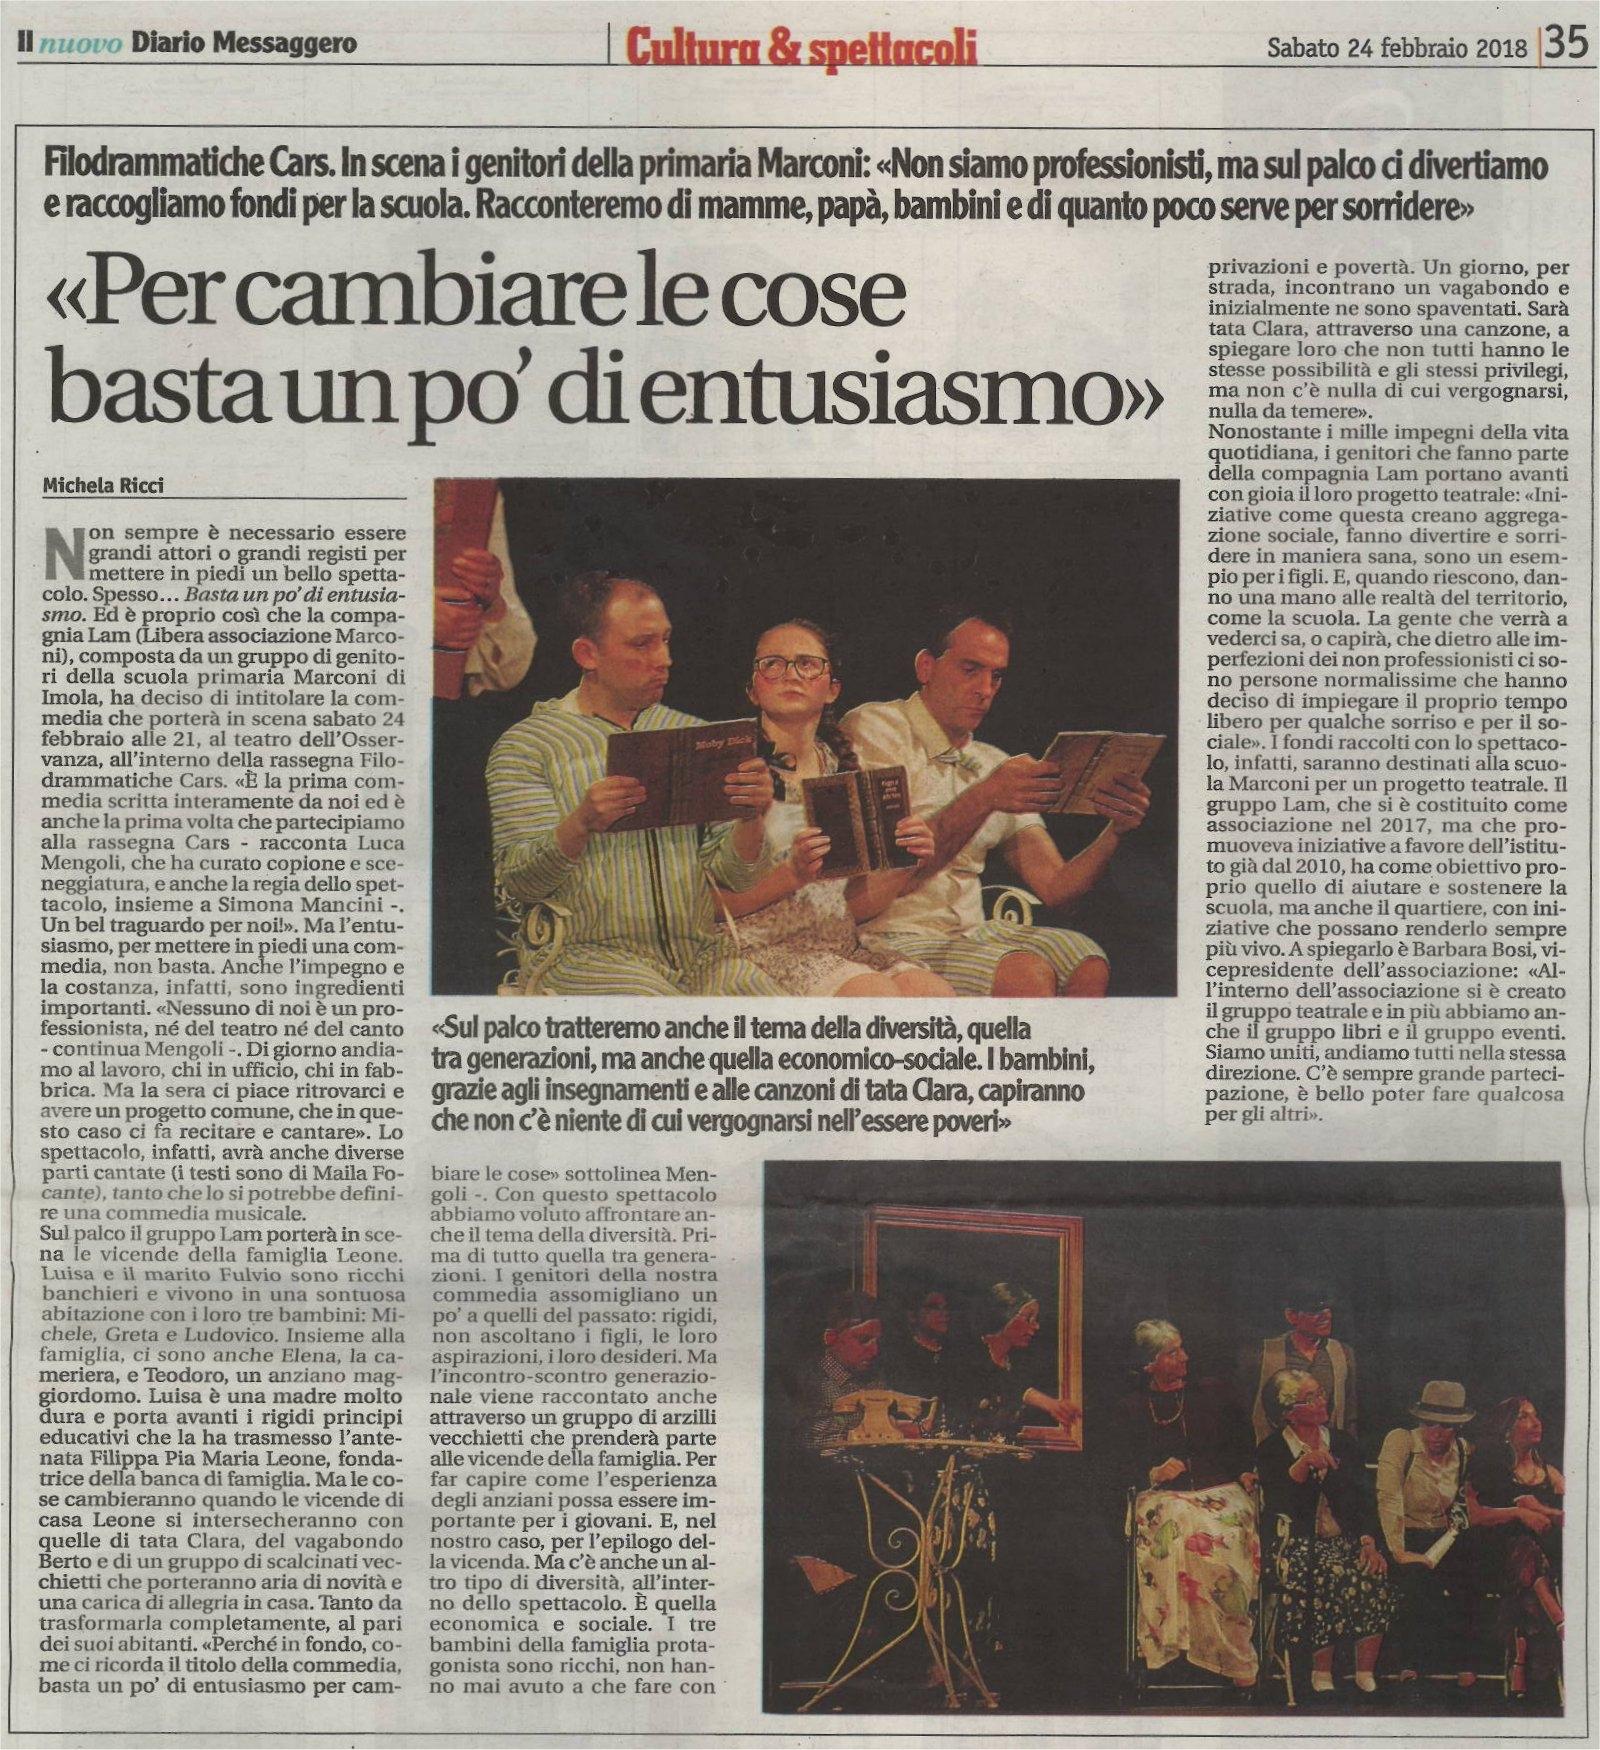 Articolo su Il Nuovo Diario Messaggero del 24 febbraio 2018